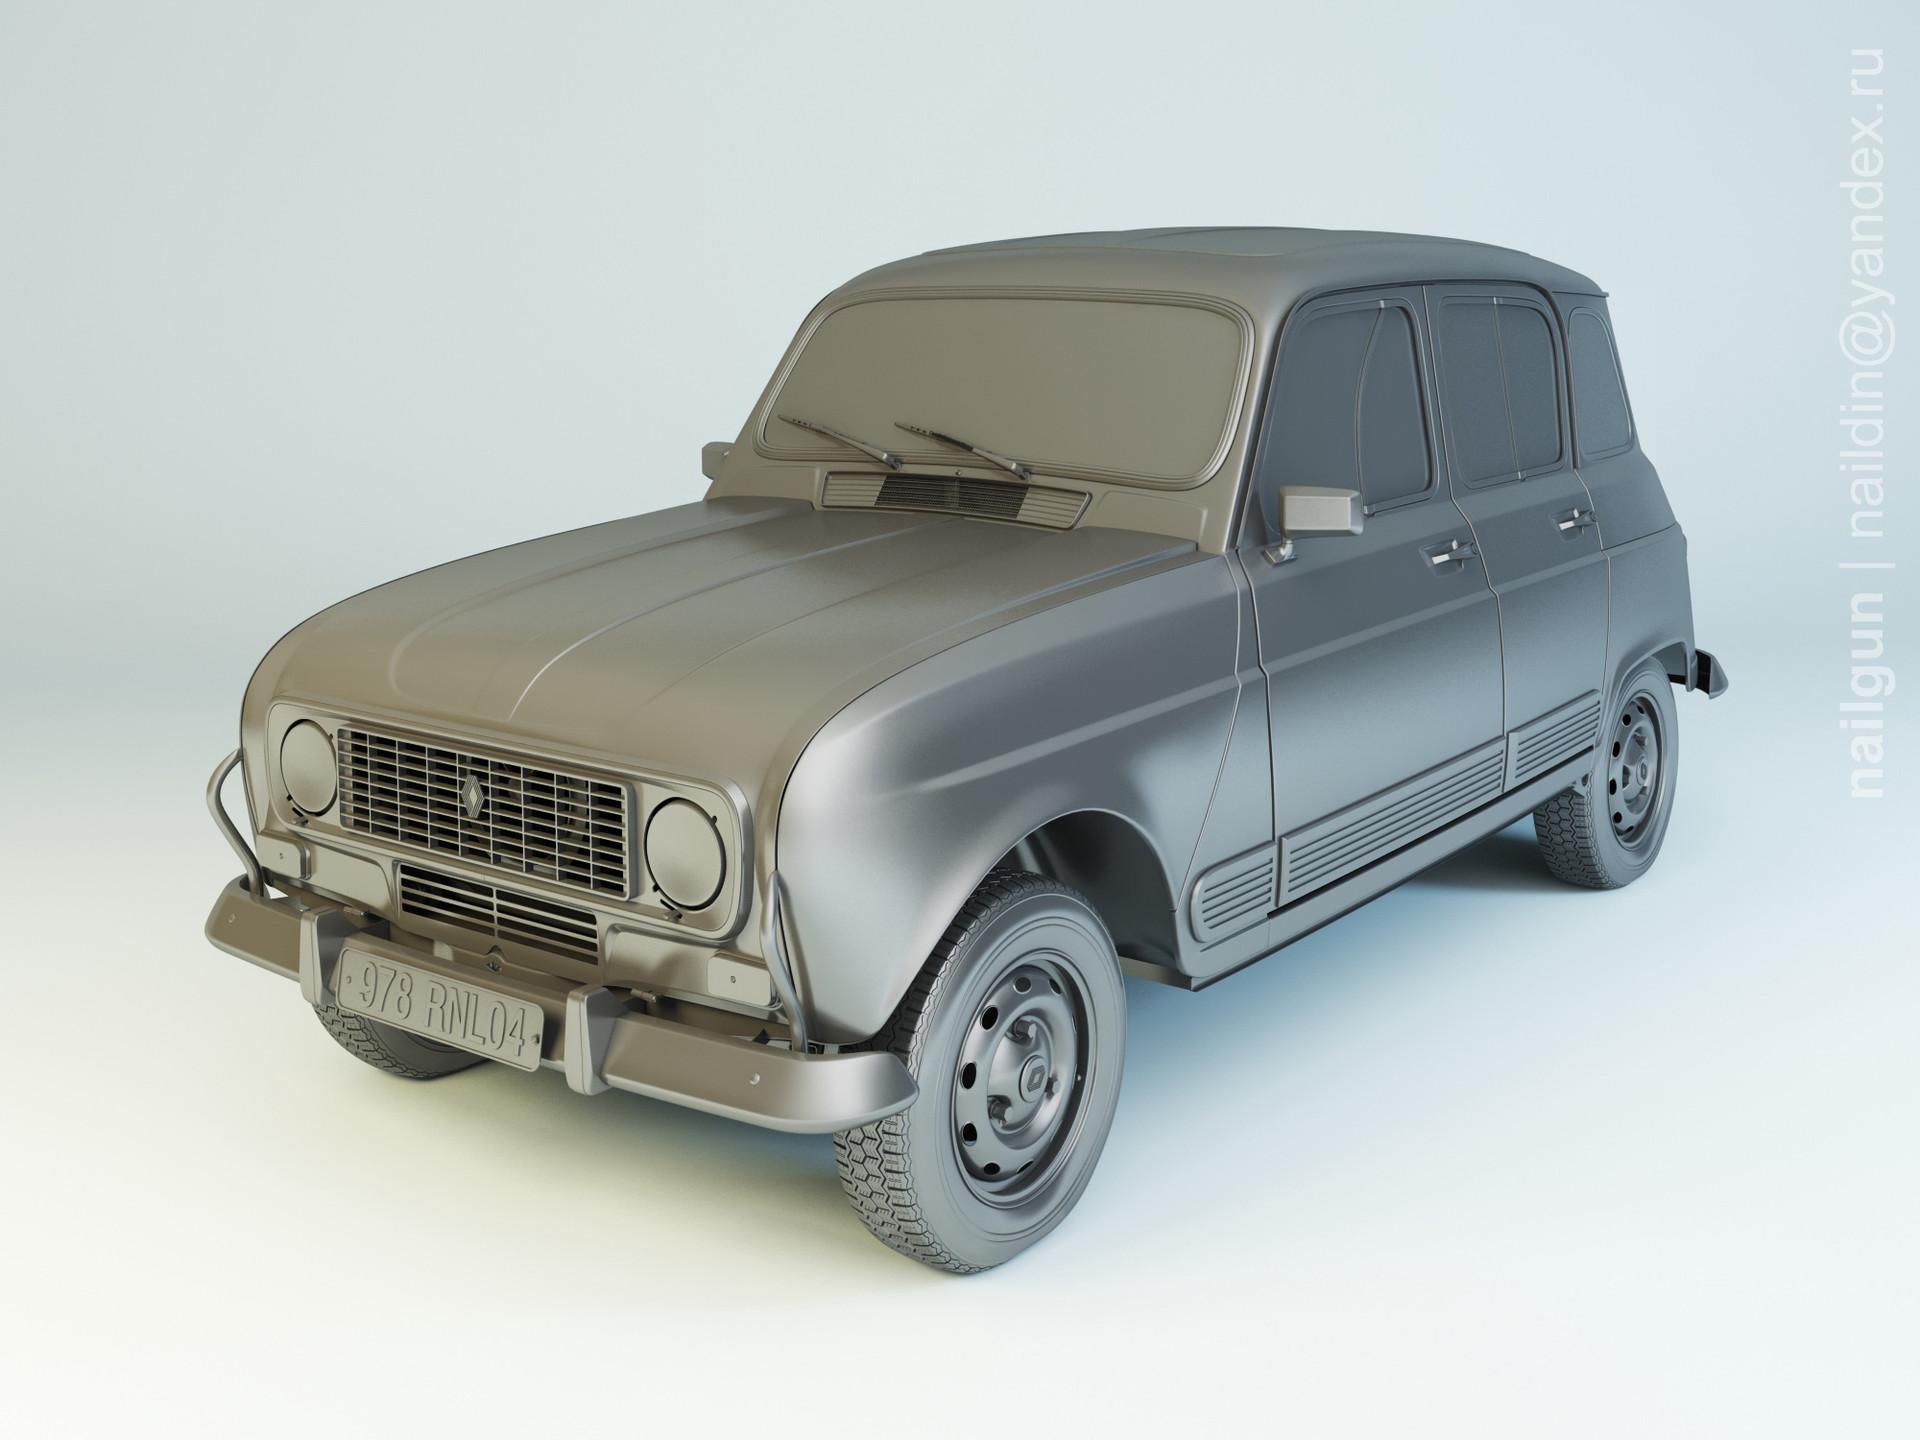 Nail khusnutdinov pwc 076 004 renault 4 modelling 0